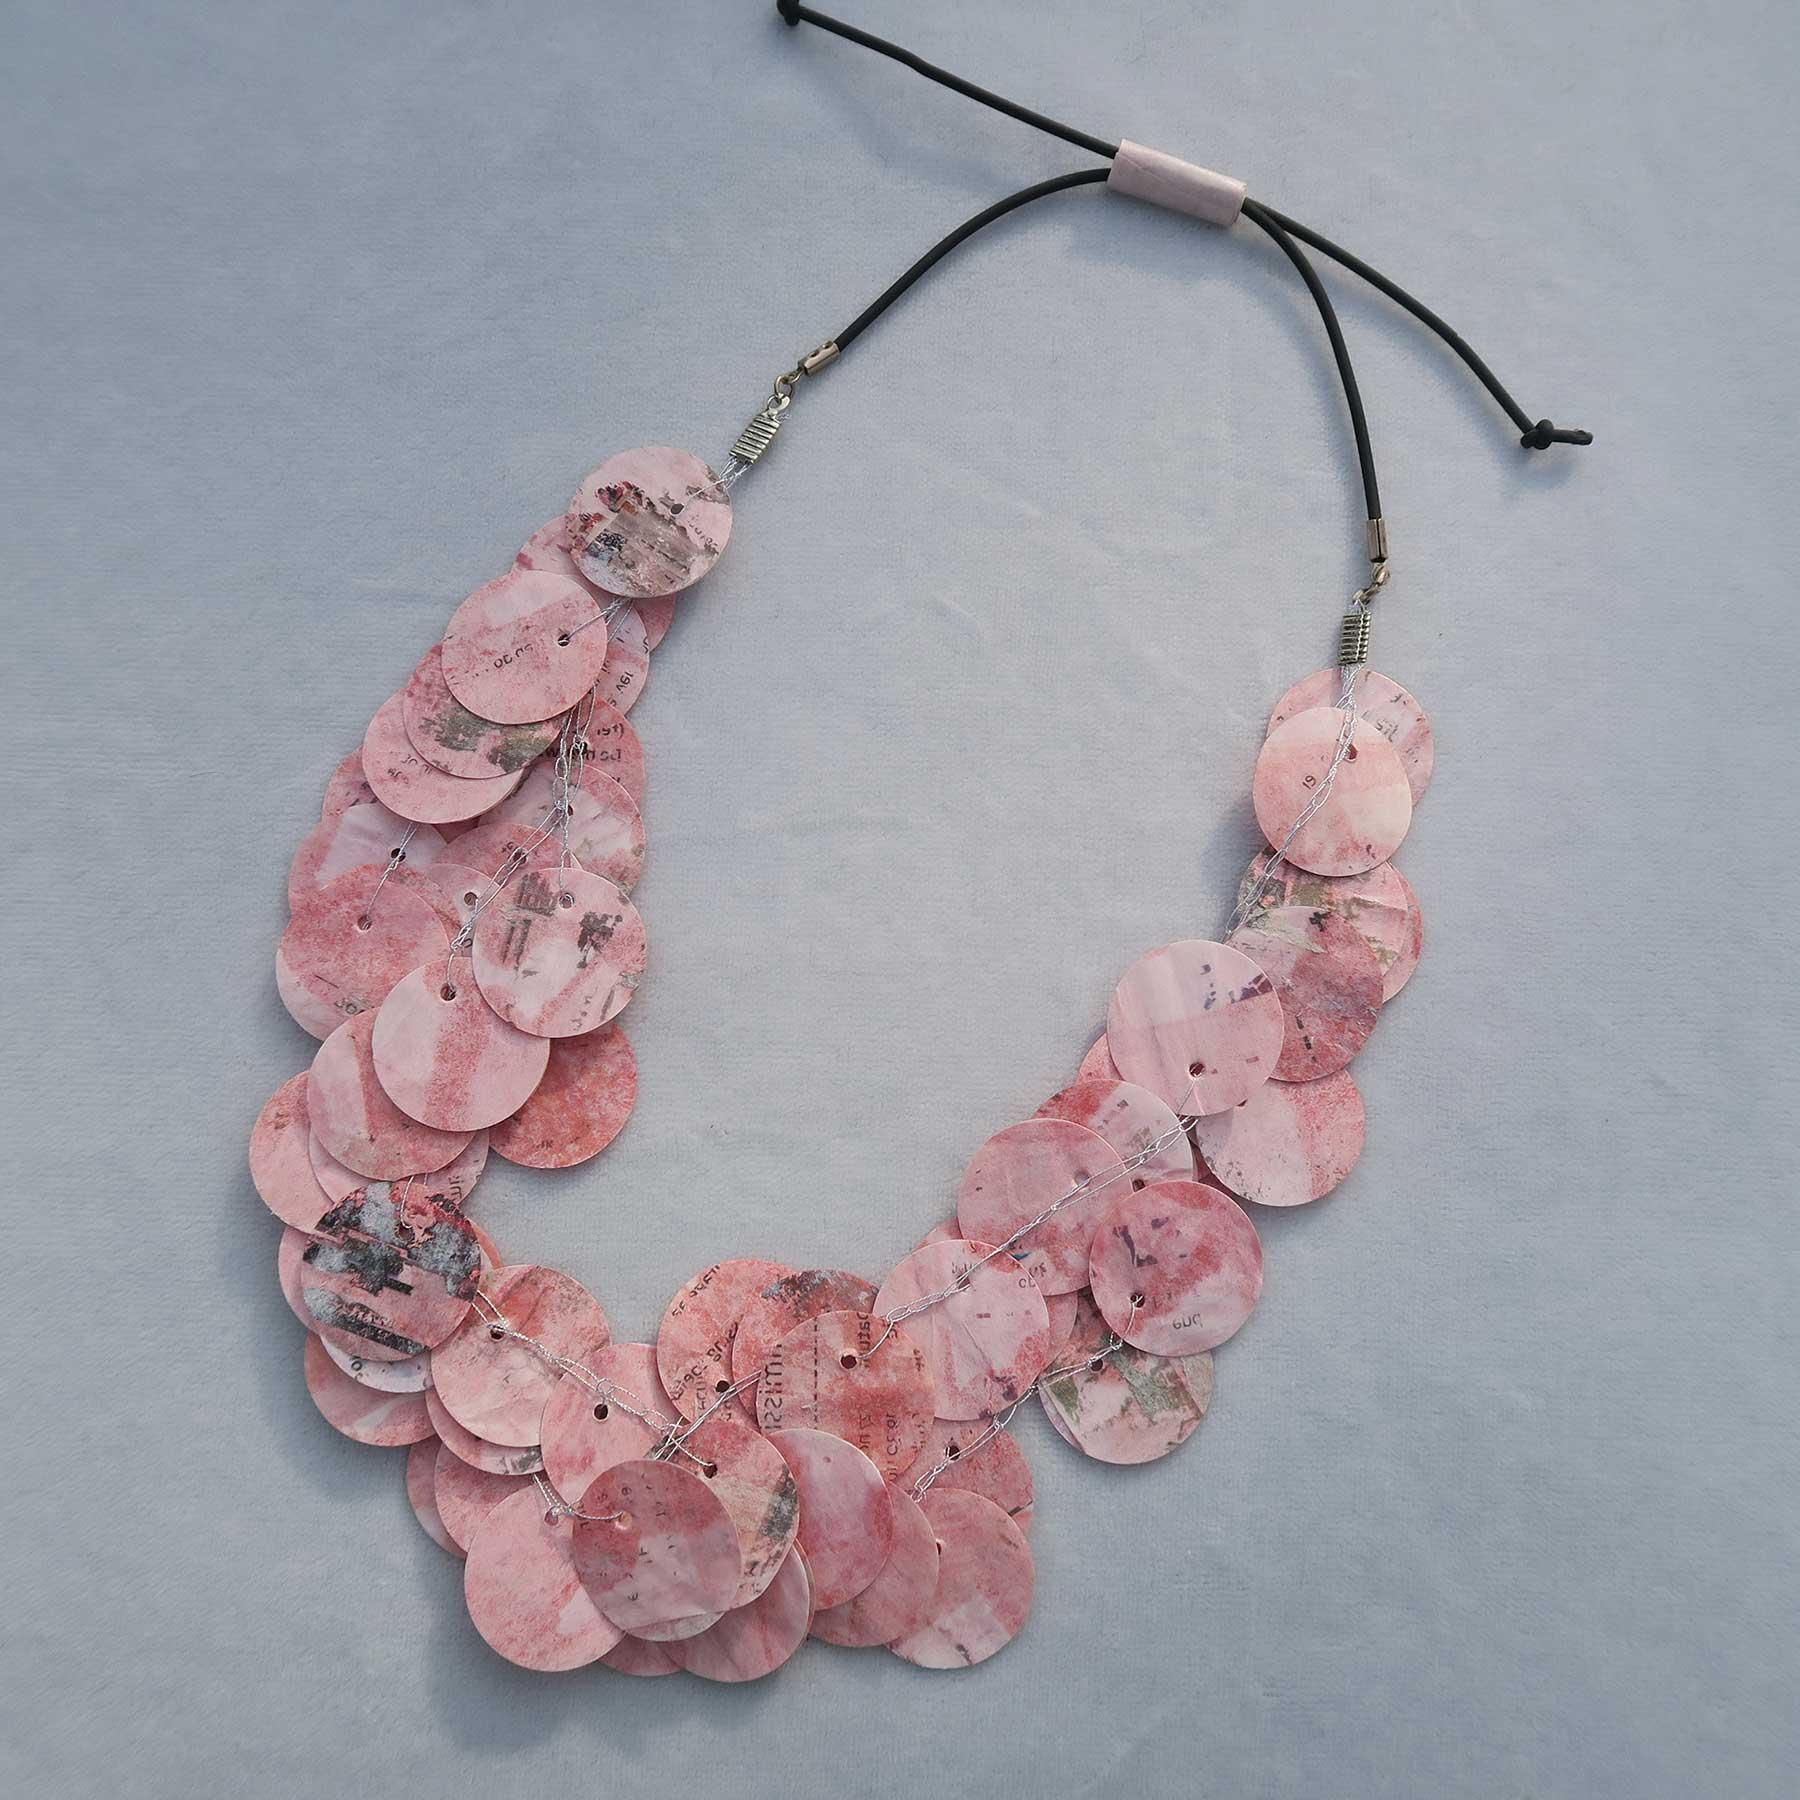 rose collier 3 lagen © Anne-Riet de Boer